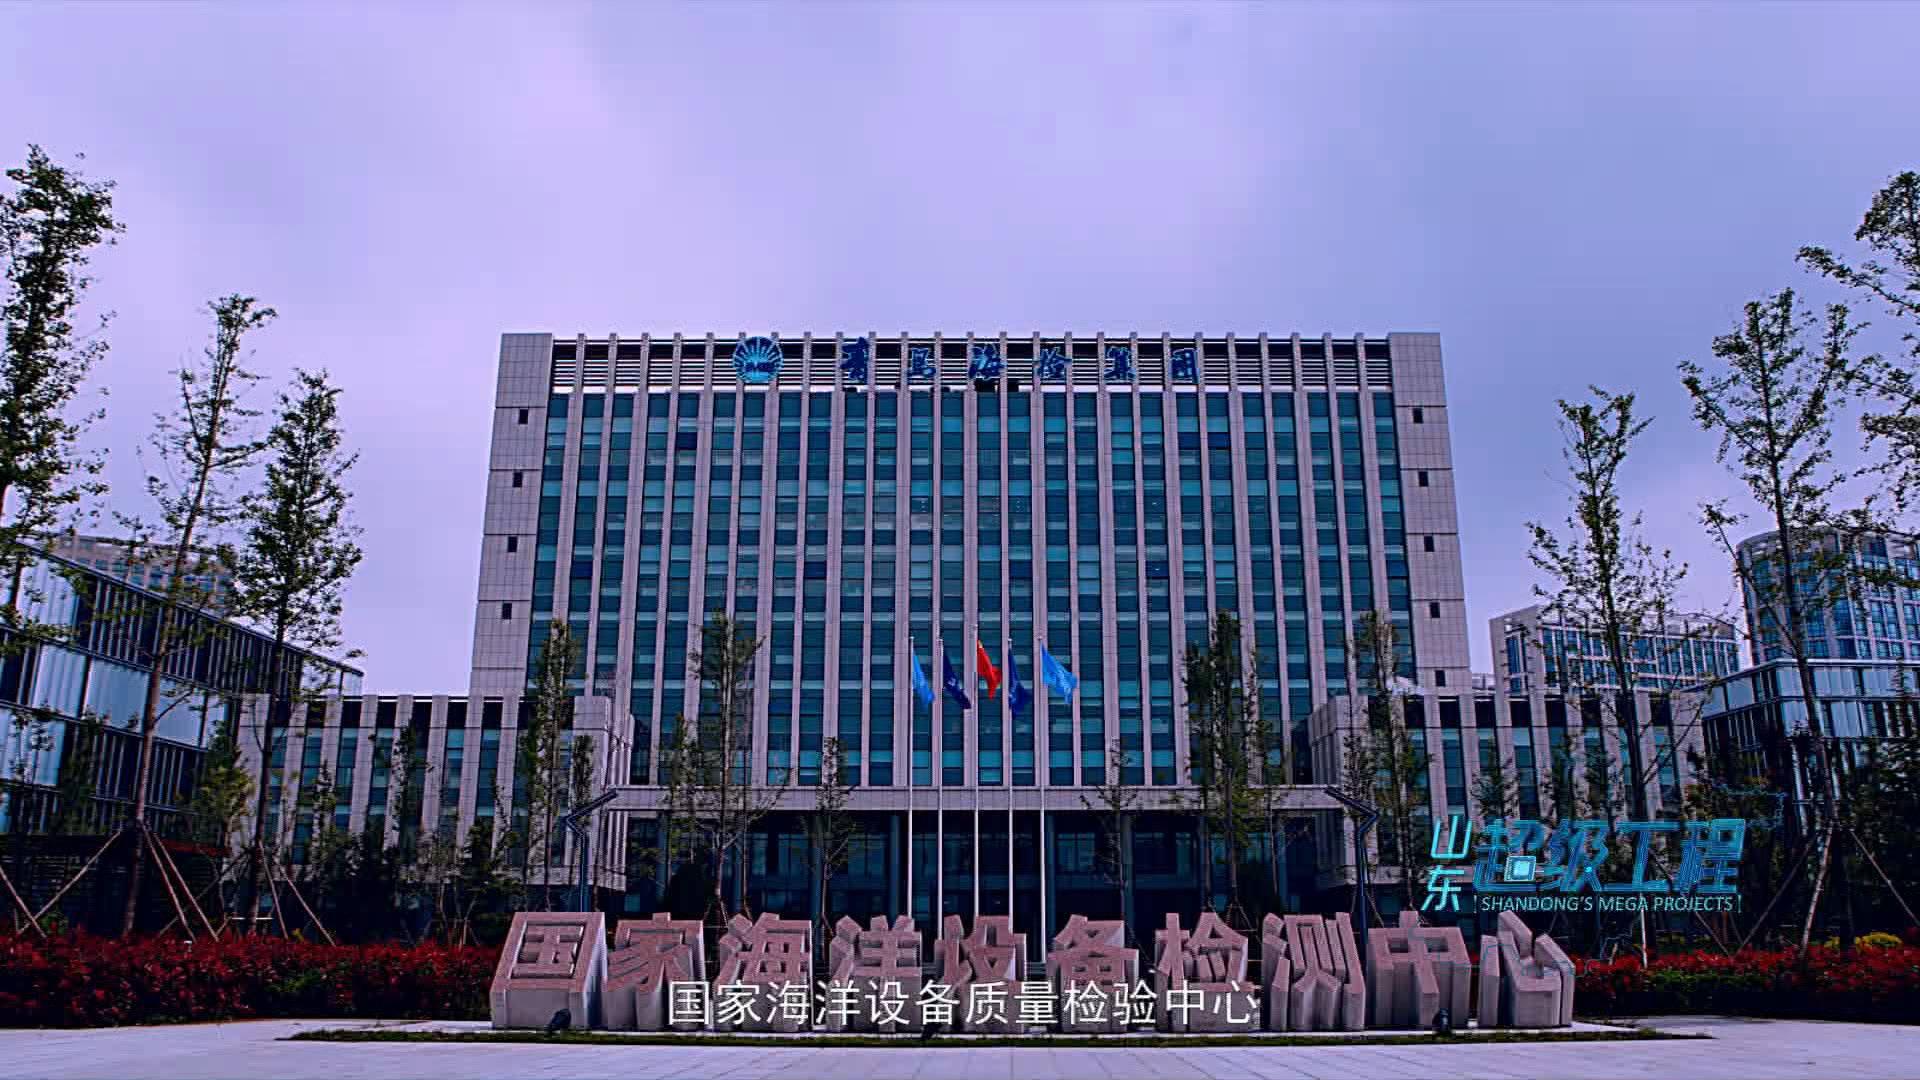 山东超级工程丨从受制于人到制定国际标准 他们为中国海检赢得话语权